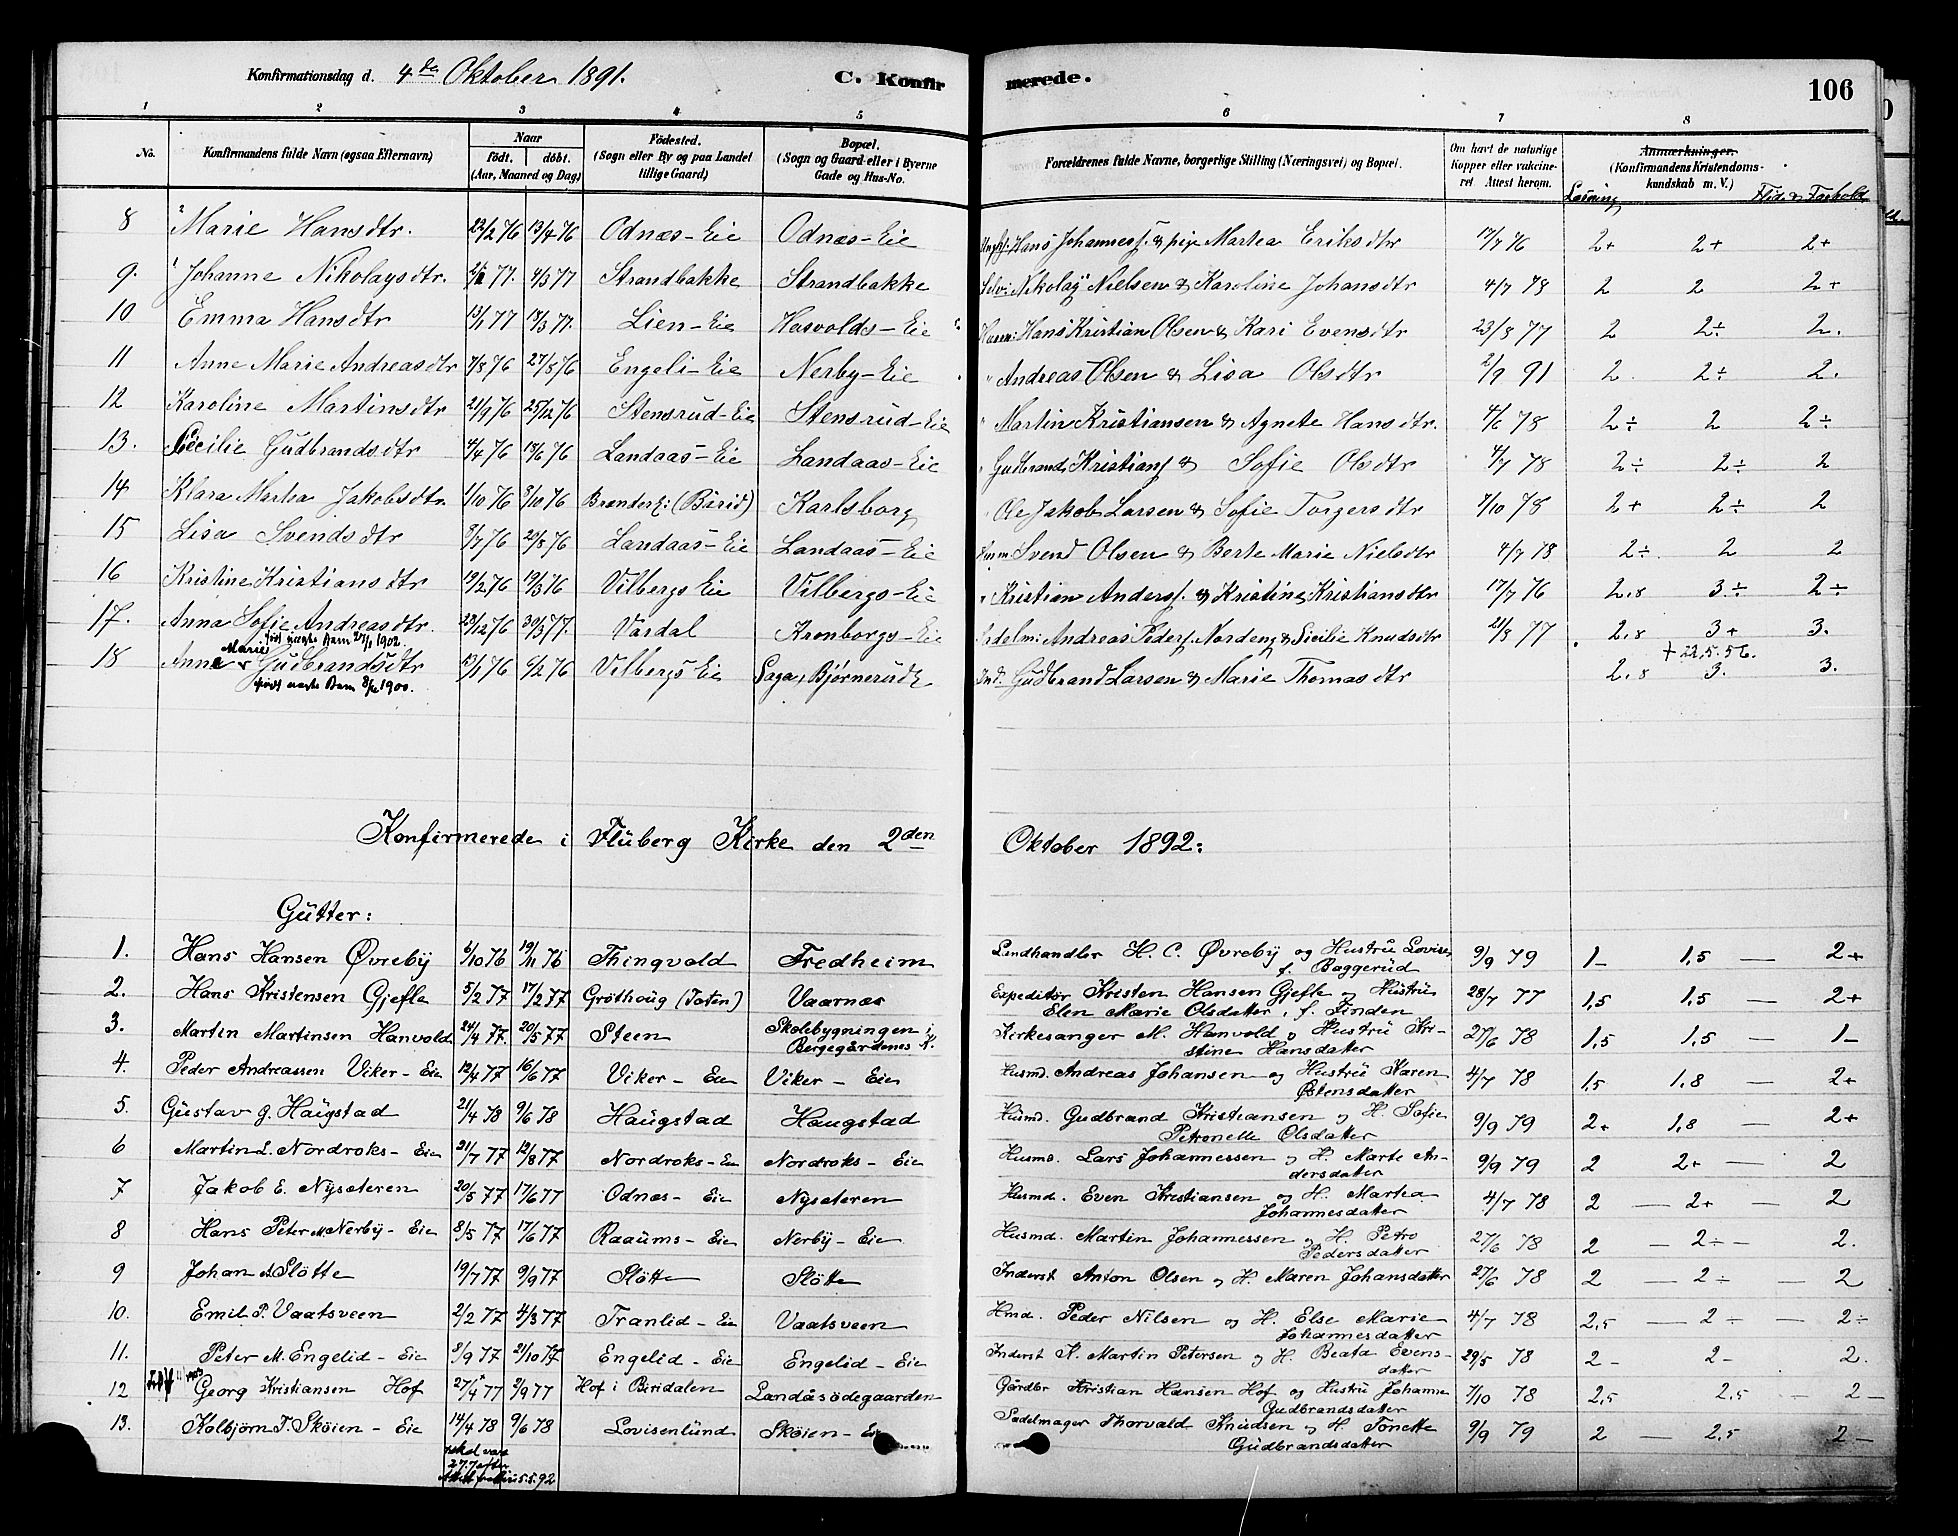 SAH, Søndre Land prestekontor, K/L0002: Ministerialbok nr. 2, 1878-1894, s. 106